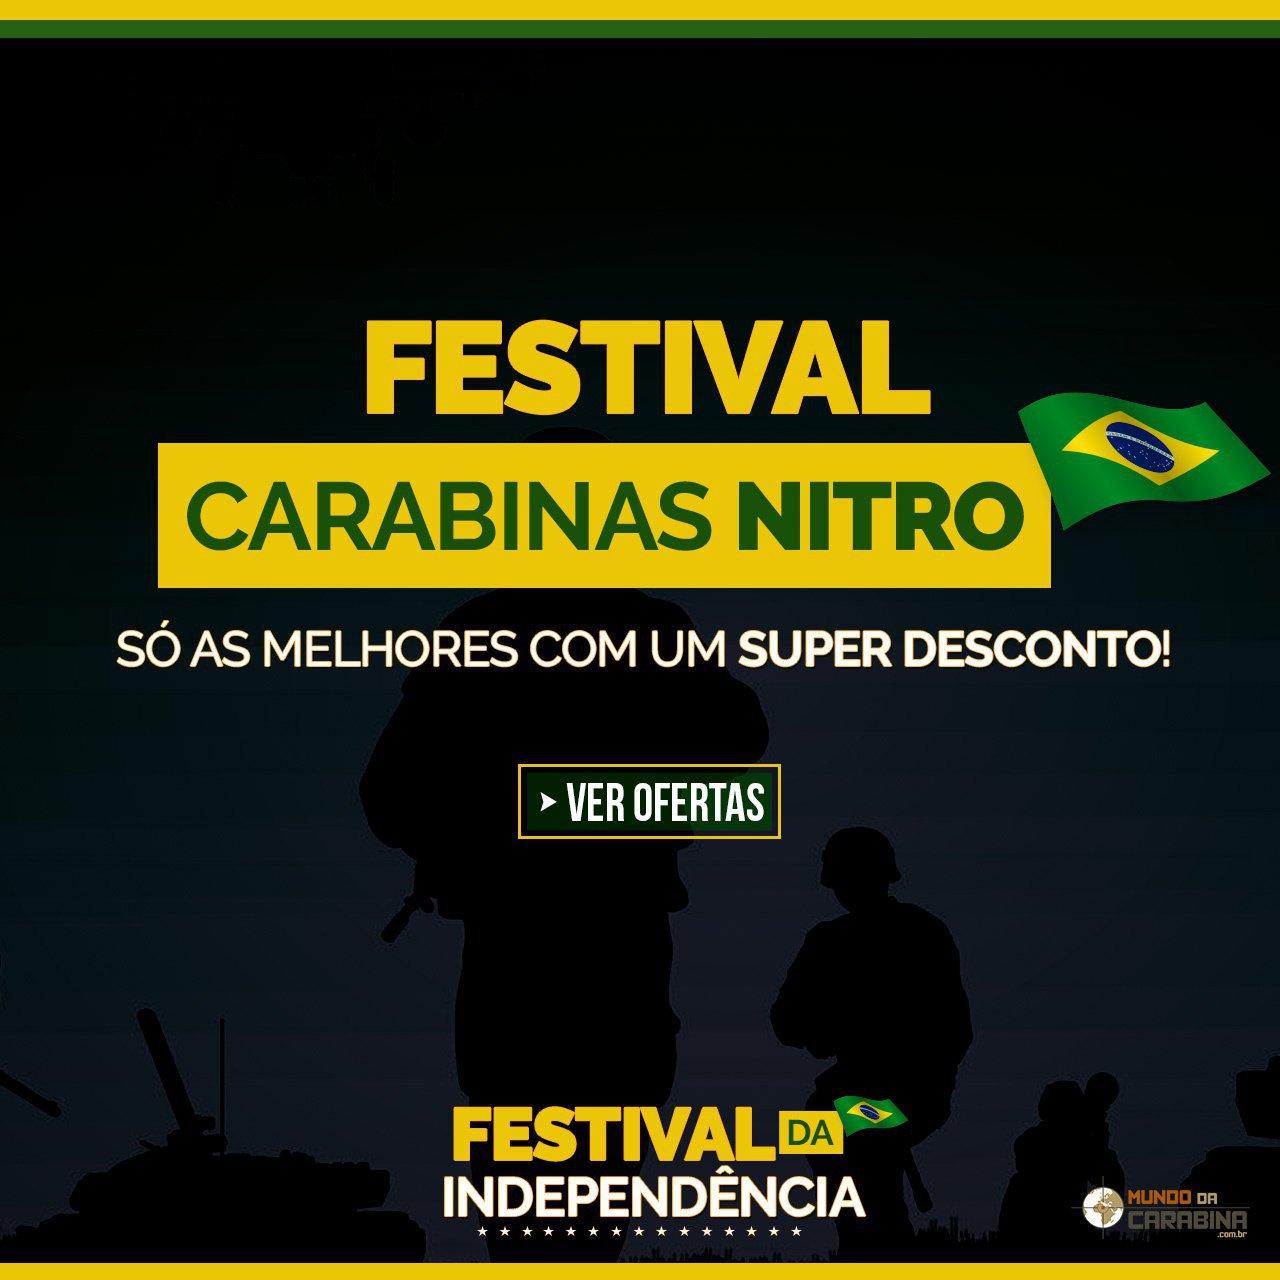 FESTIVAL CARABINAS NITRO - Só as Melhores com um Super desconto!